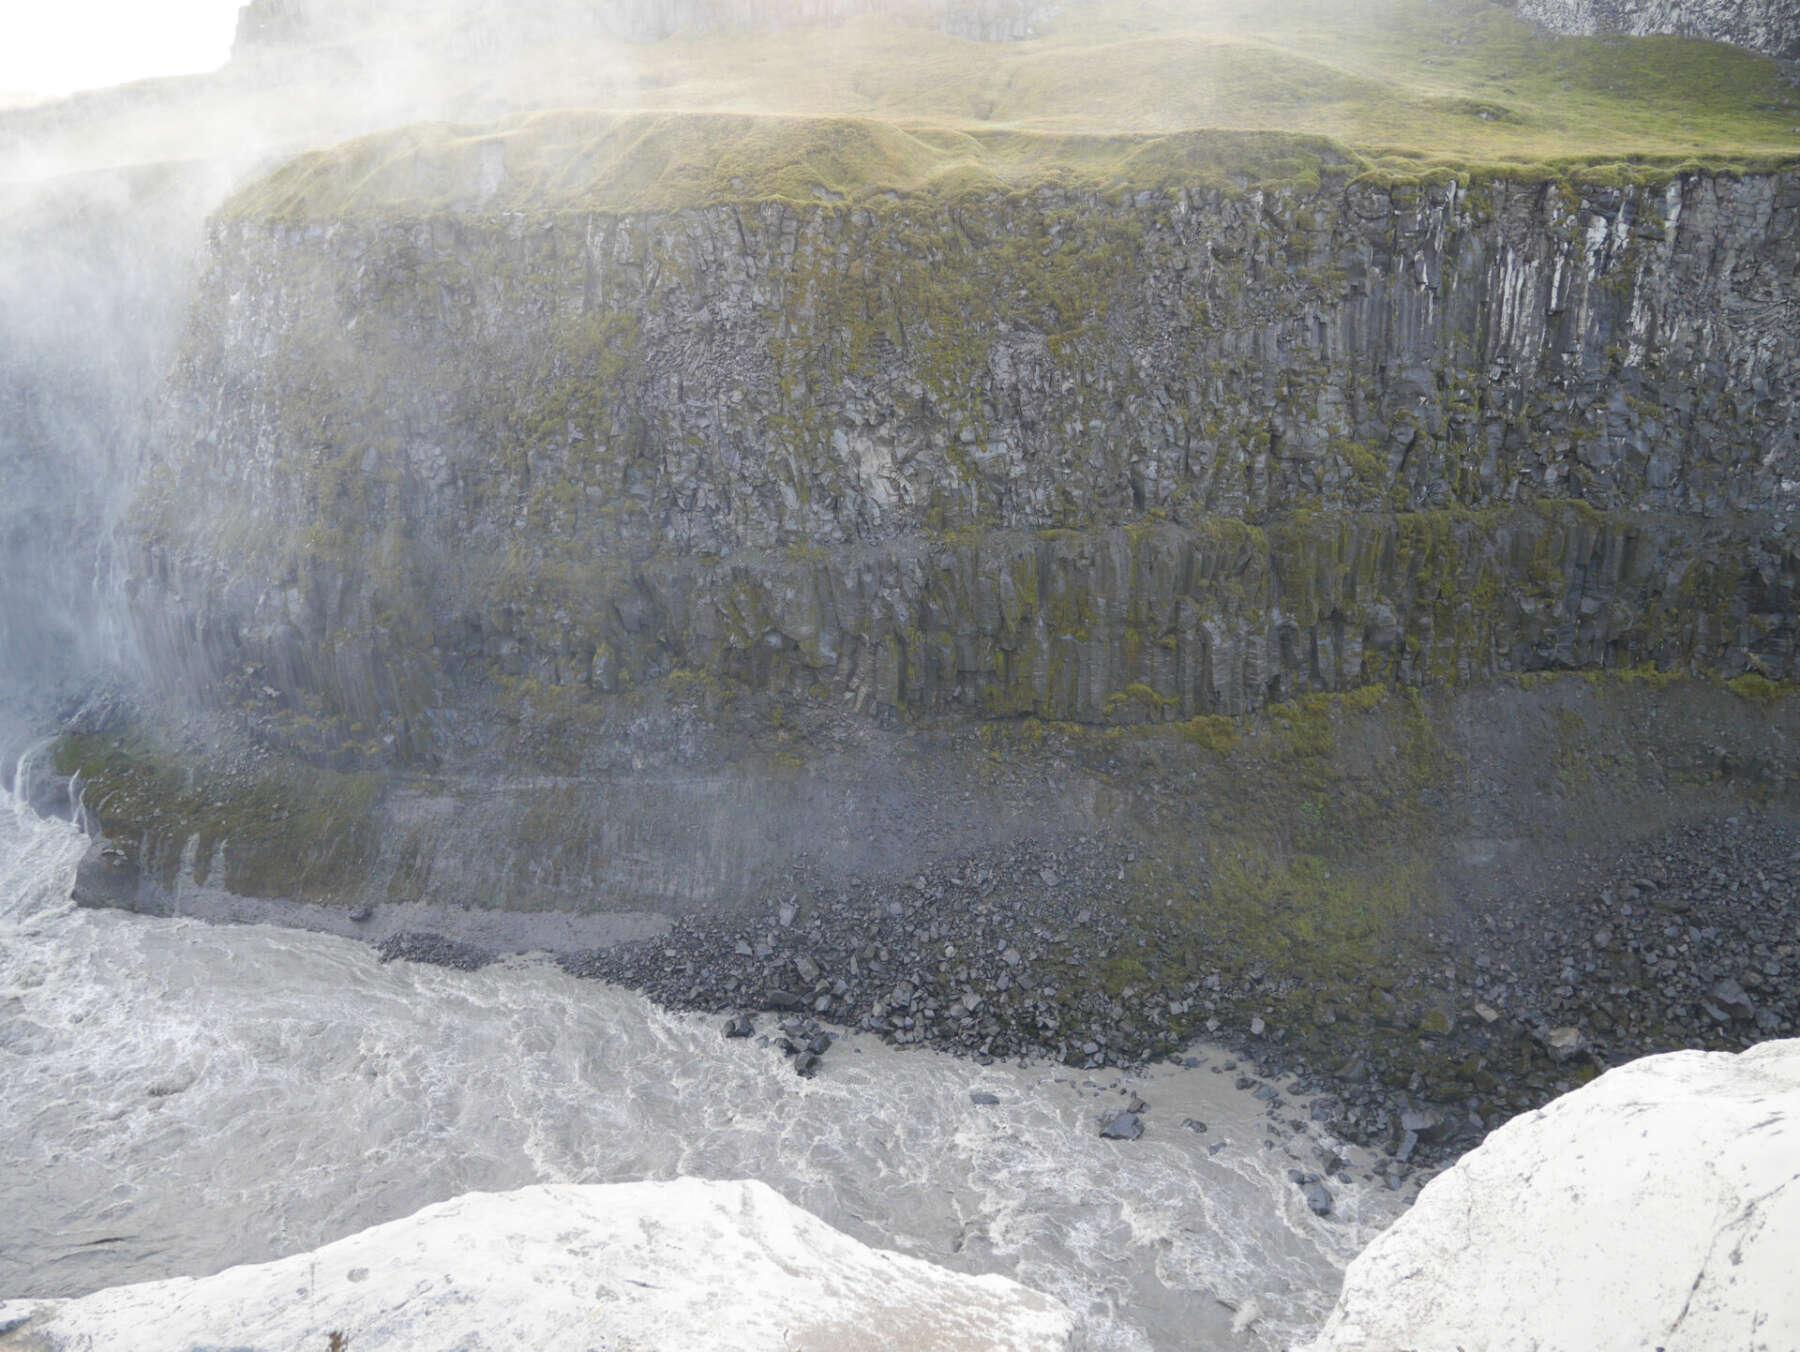 น้ำตกเดตตี้ฟอสส์ (Dettifoss waterfall)